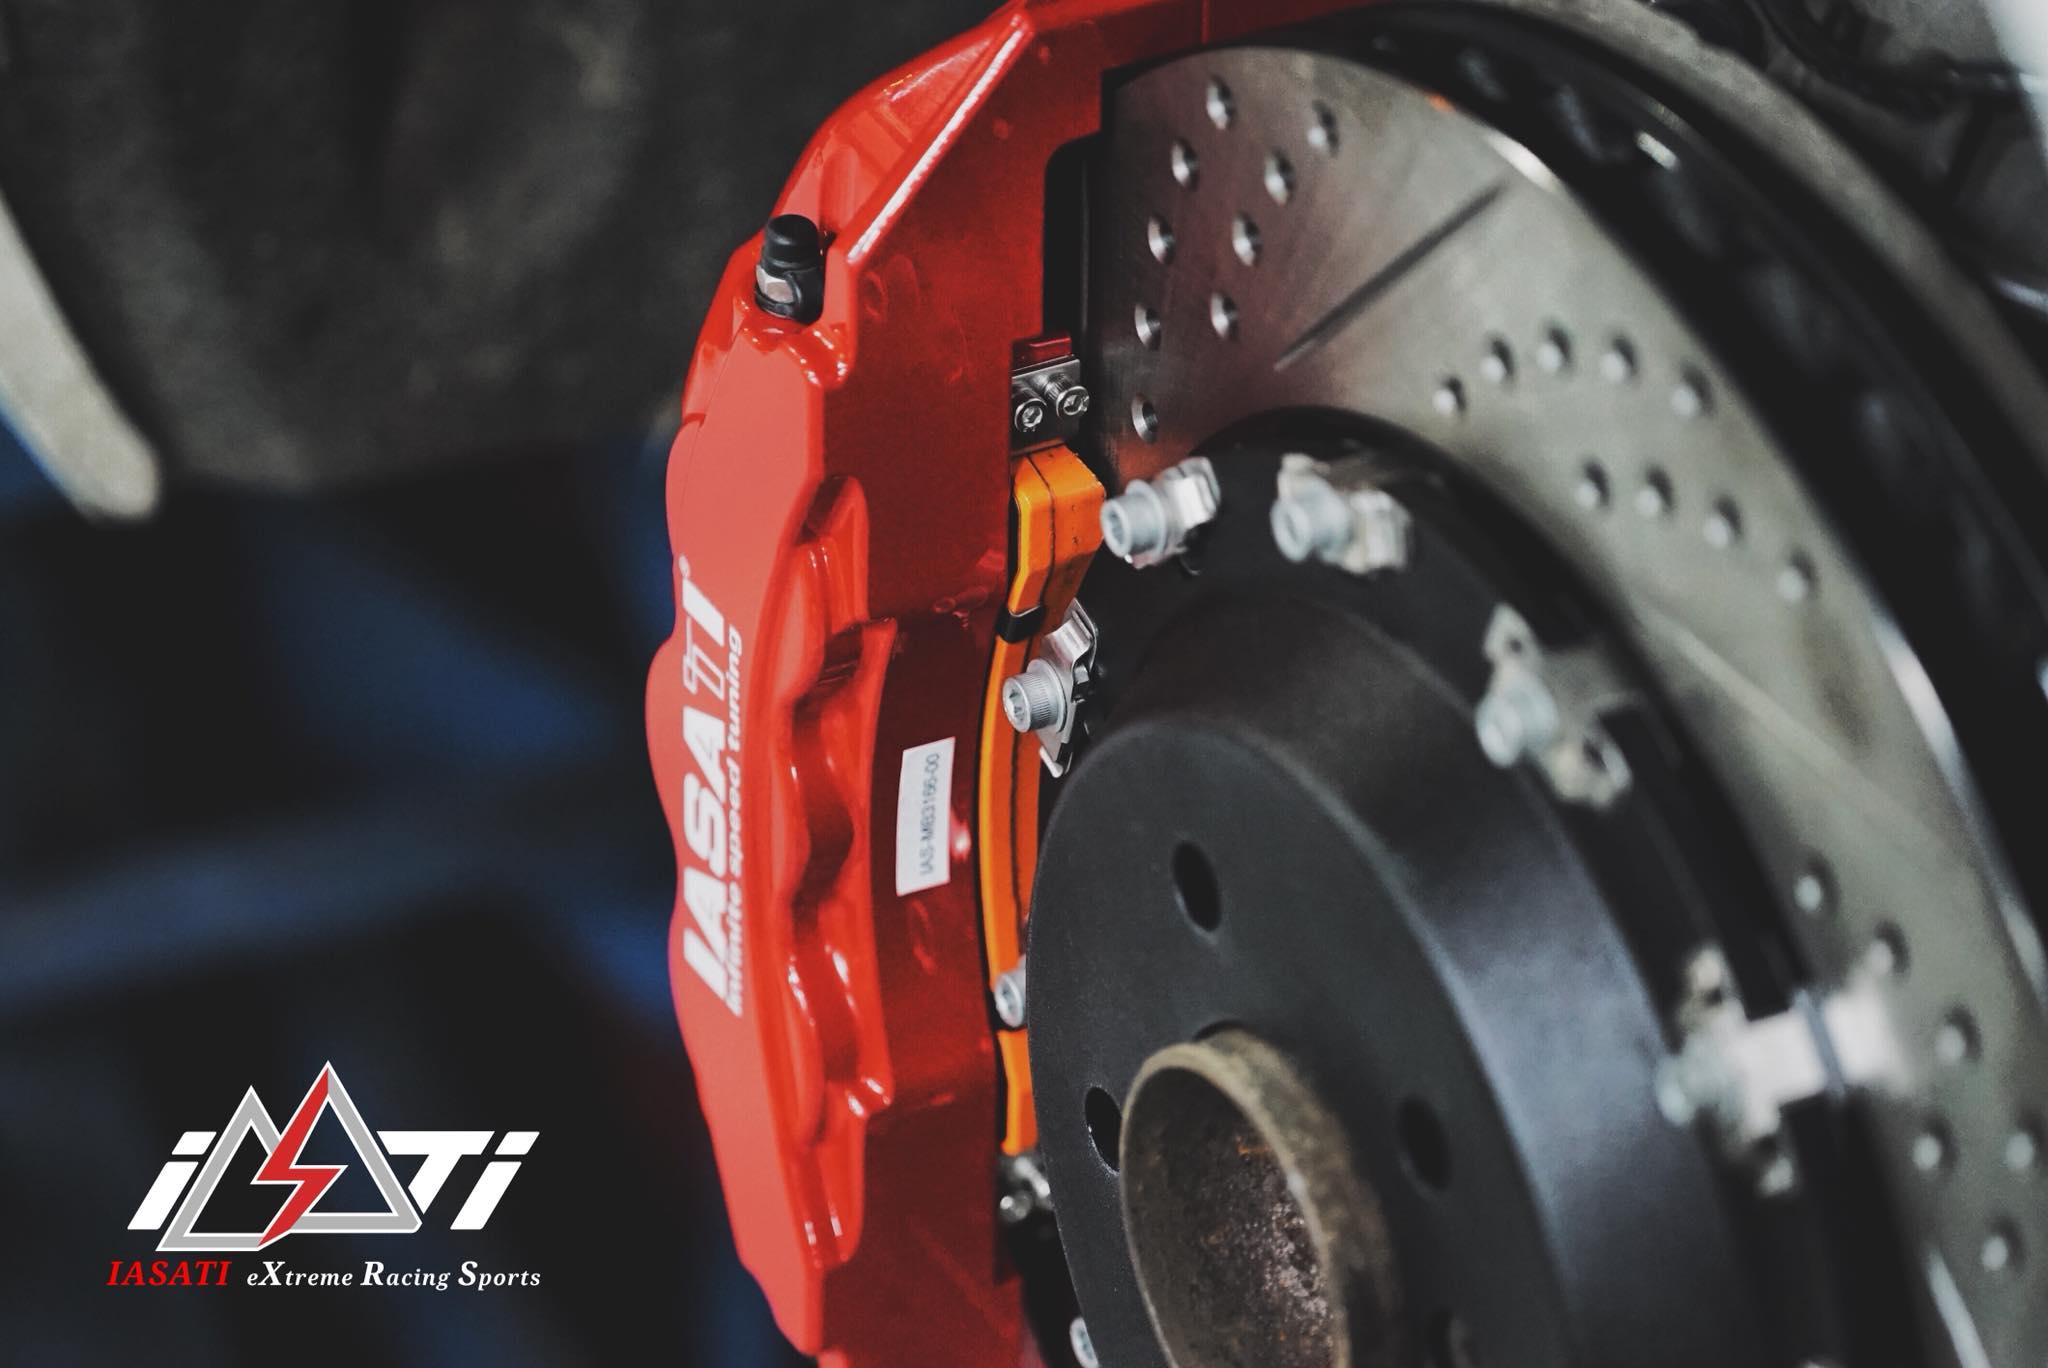 IASATI - 改裝汽車避震器、剎車卡鉗